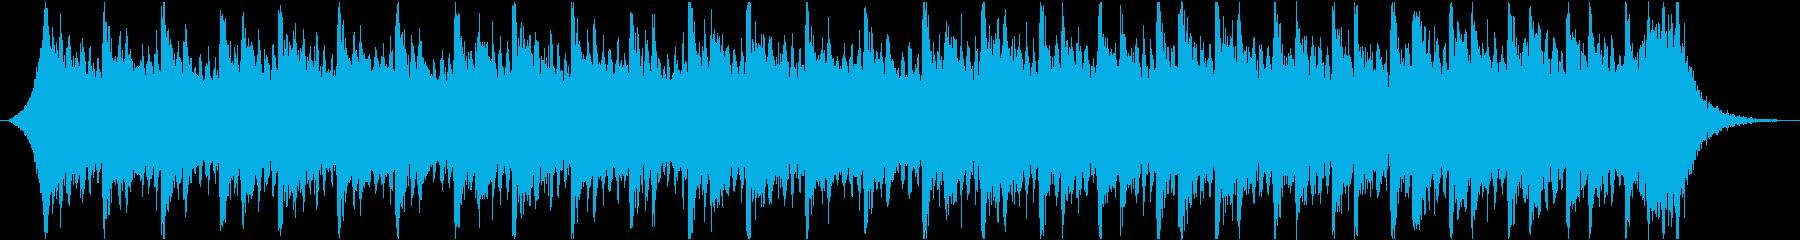 感動壮大ポジティブオーケストラエピックbの再生済みの波形